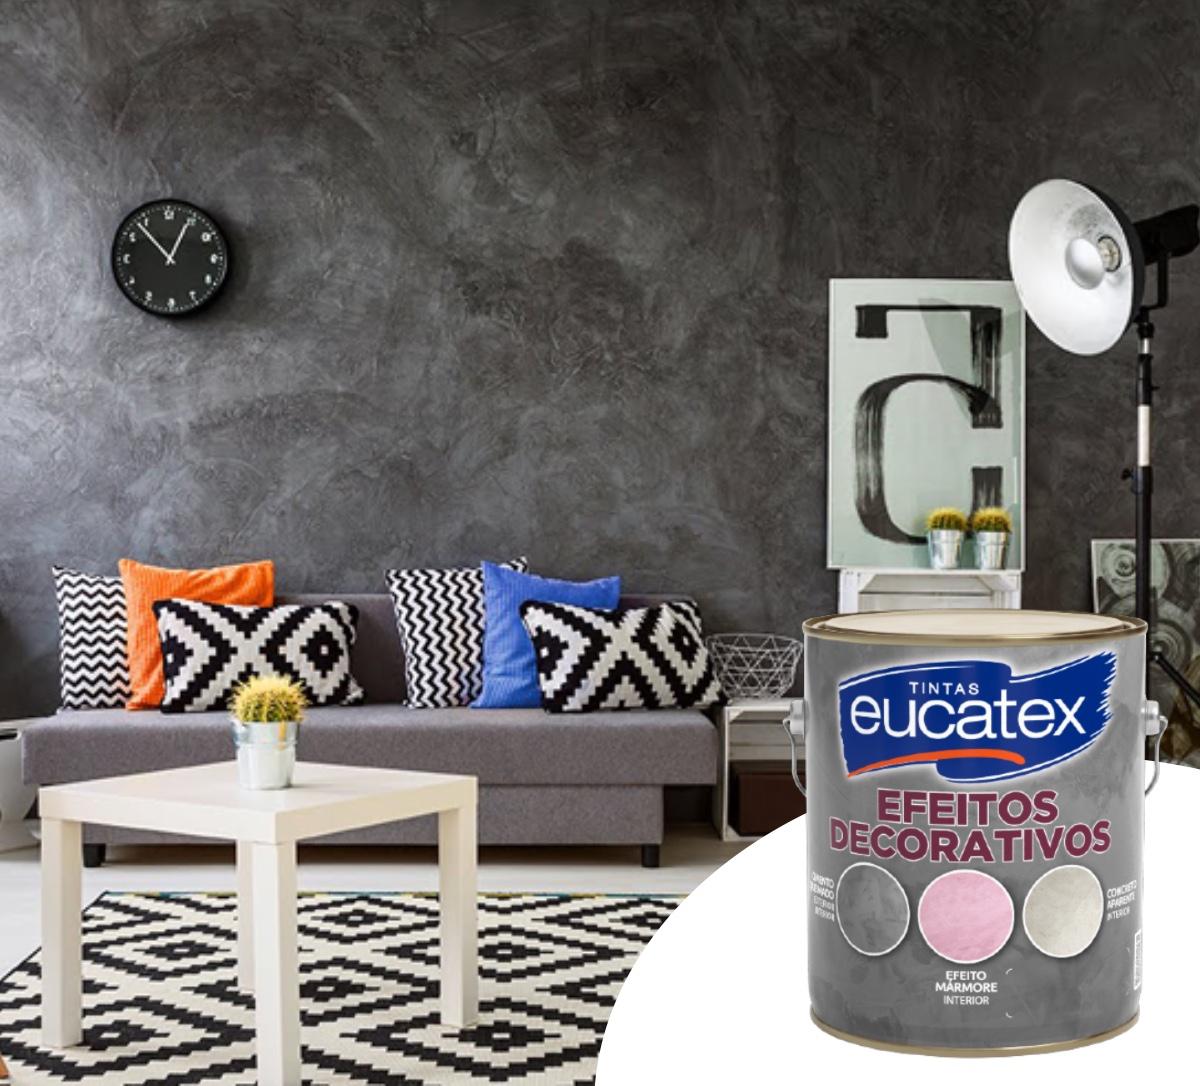 2 Efeito Cimento Queimado Efeitos Decorativos Eucatex 5kg